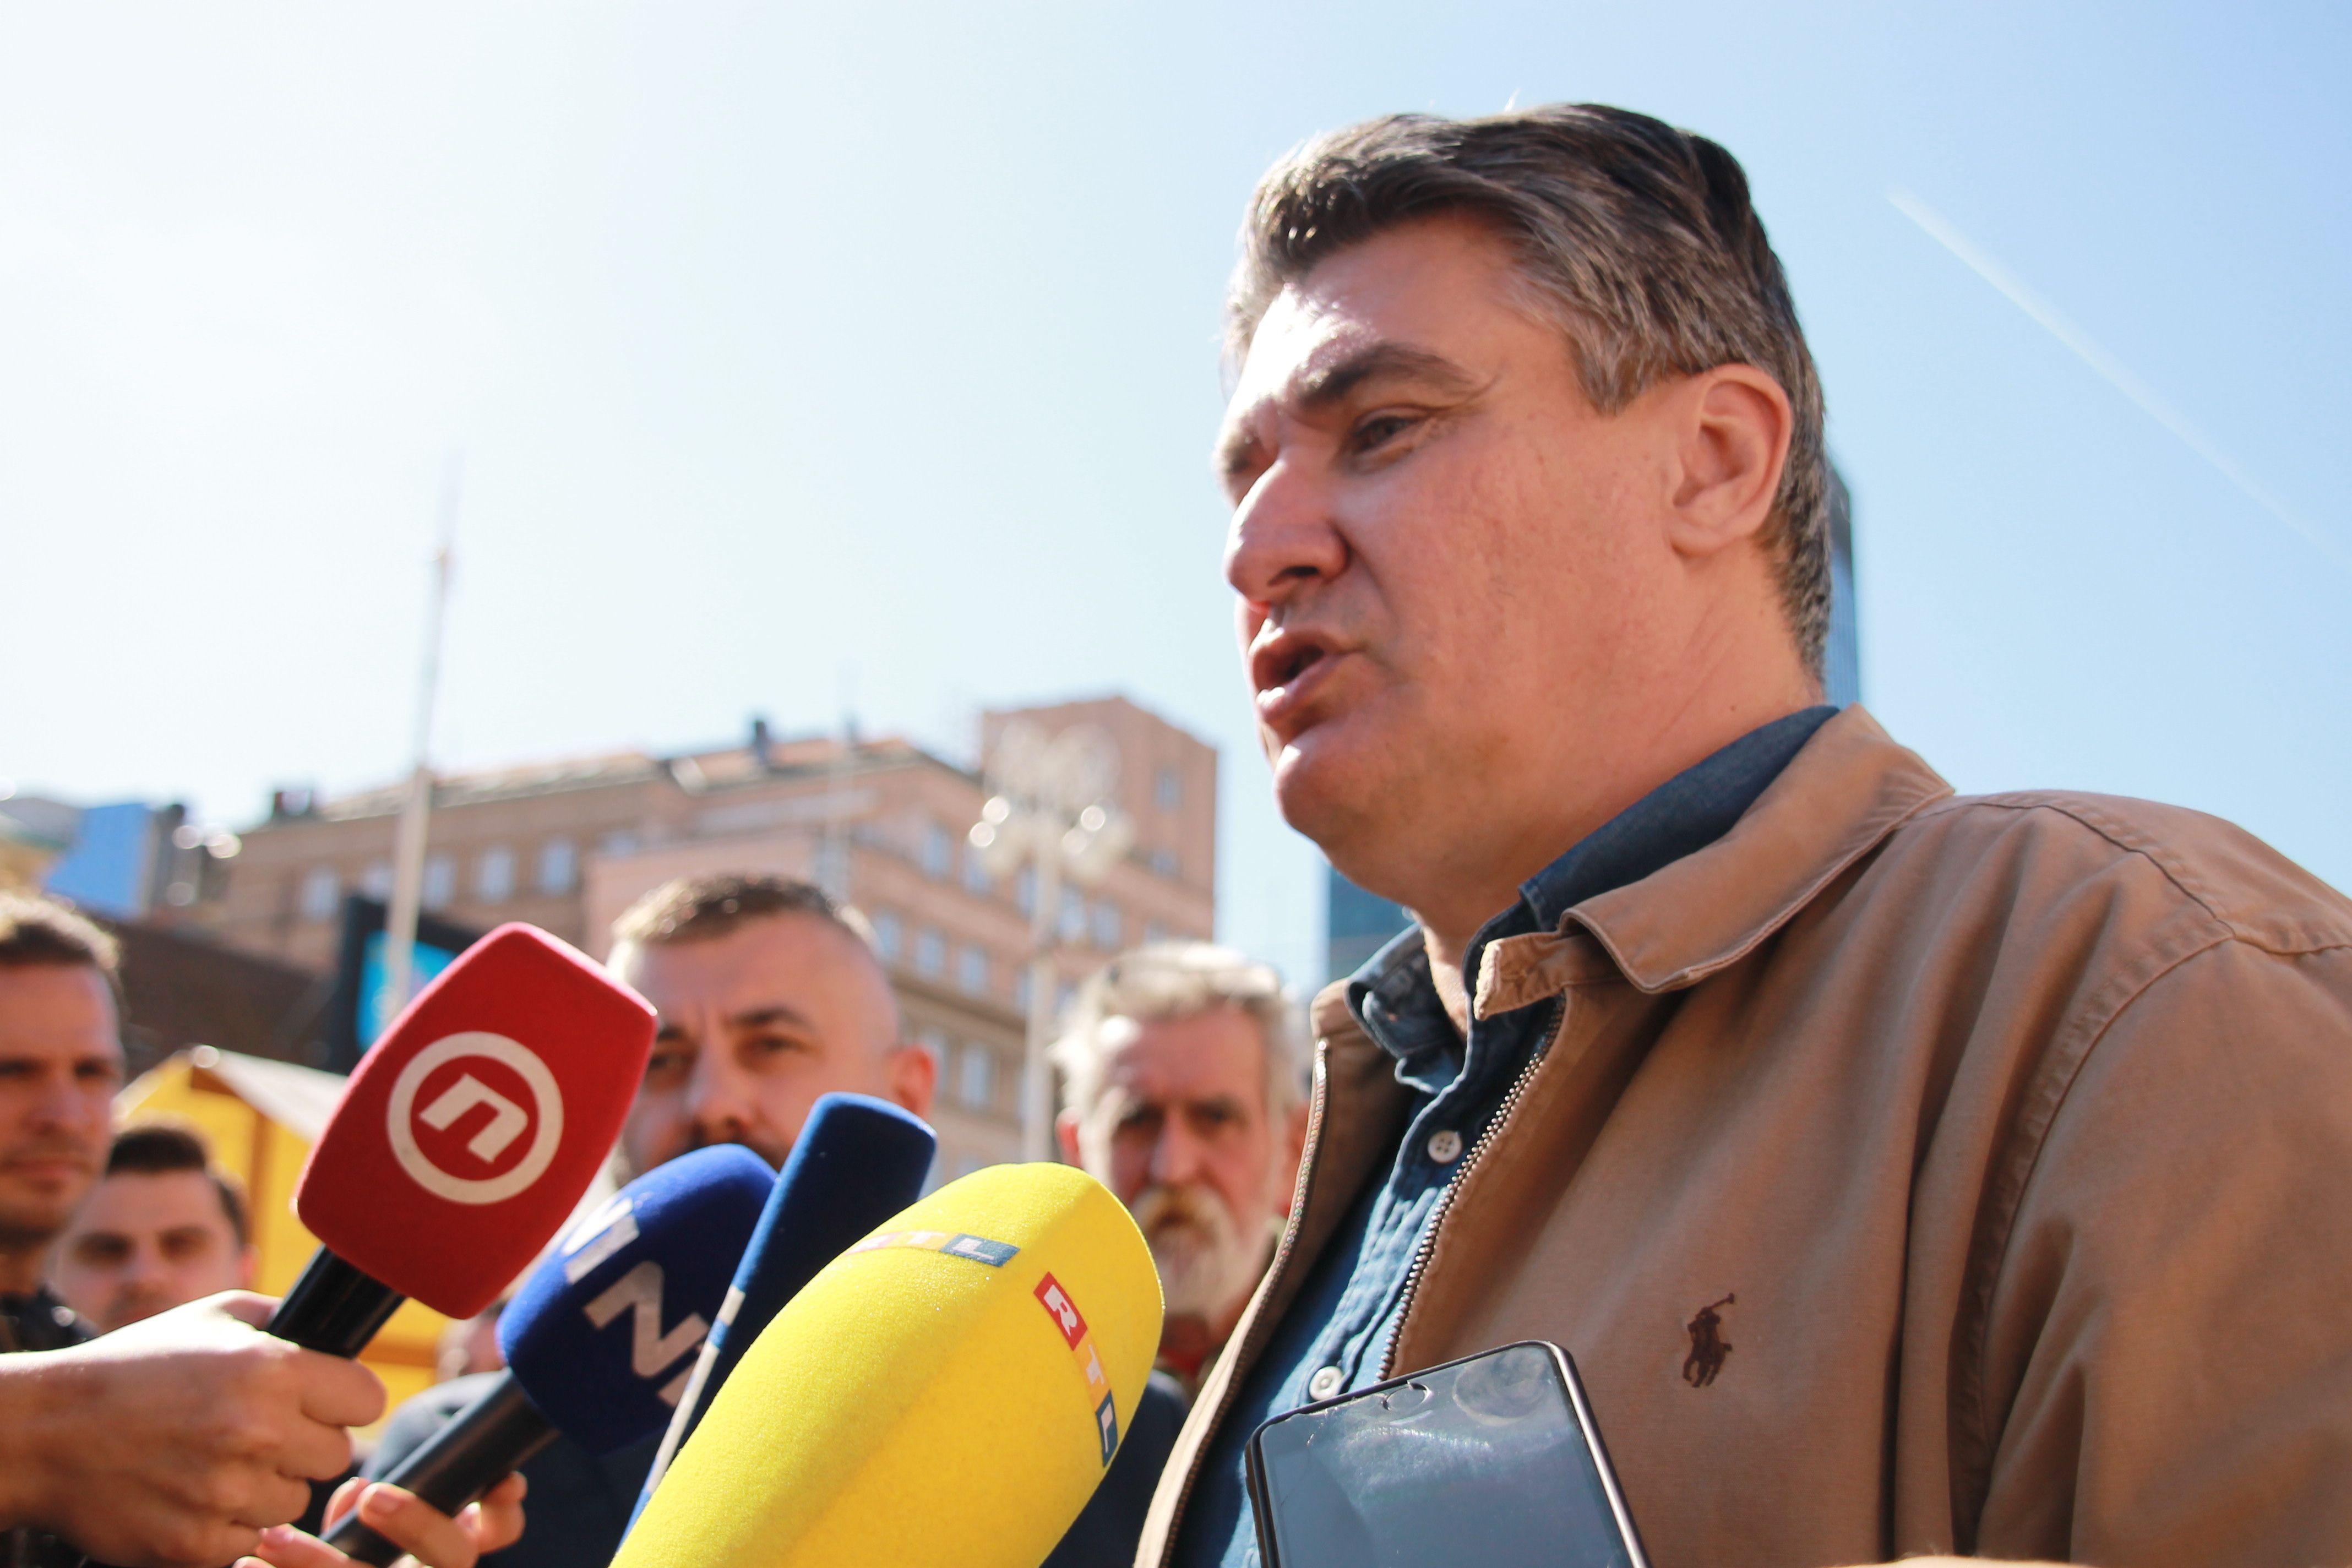 Milanović: U Hrvatskoj je najveći problem što HDZ ima monopol vlasti, paravlasti, a imamo predsjednicu koja nas sramoti i to je za Hrvatsku jako štetno